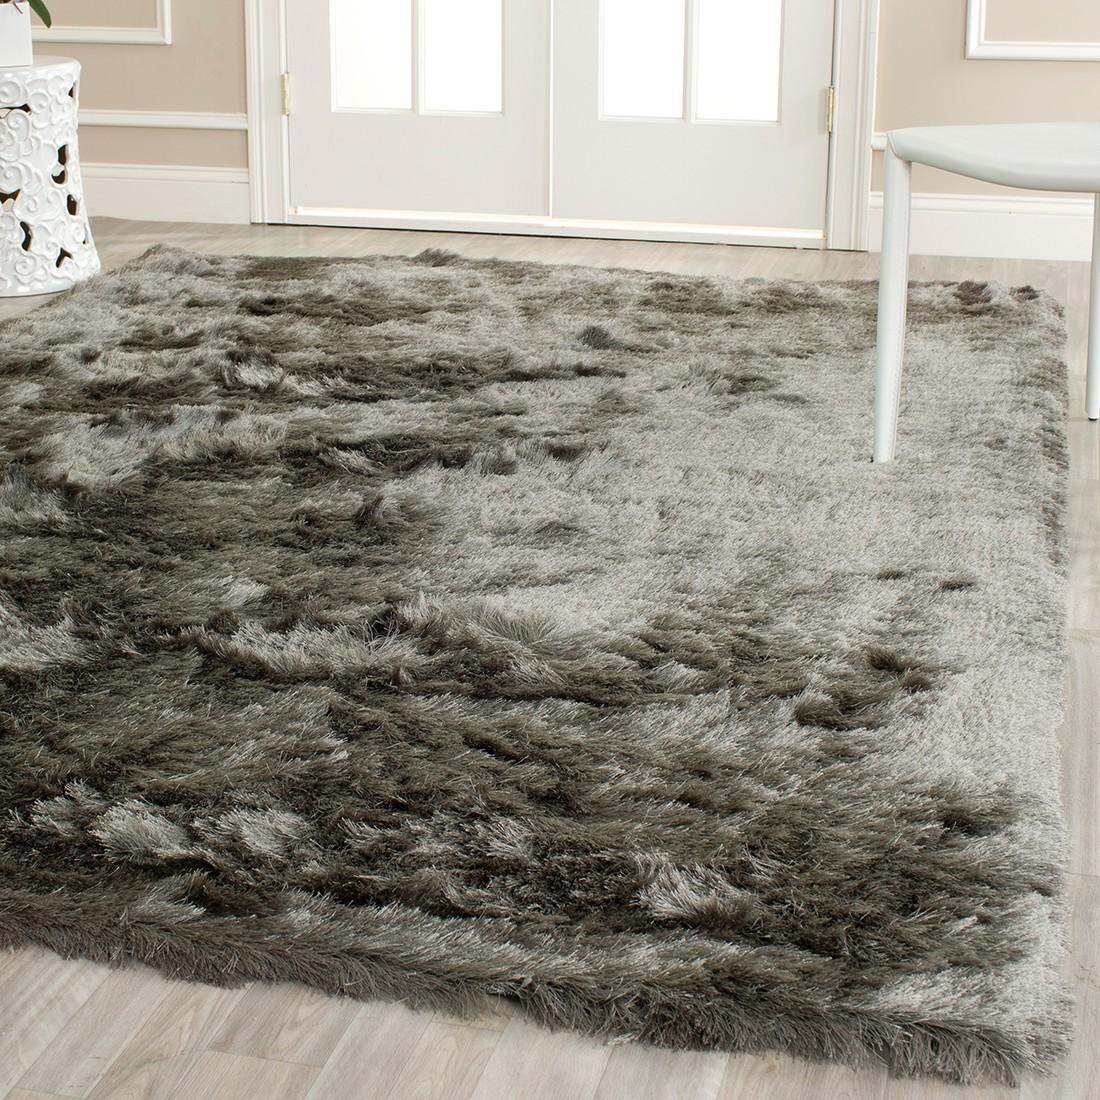 teppich chatham dunkelgrau 153 x 214 cm safavieh jetzt bestellen. Black Bedroom Furniture Sets. Home Design Ideas